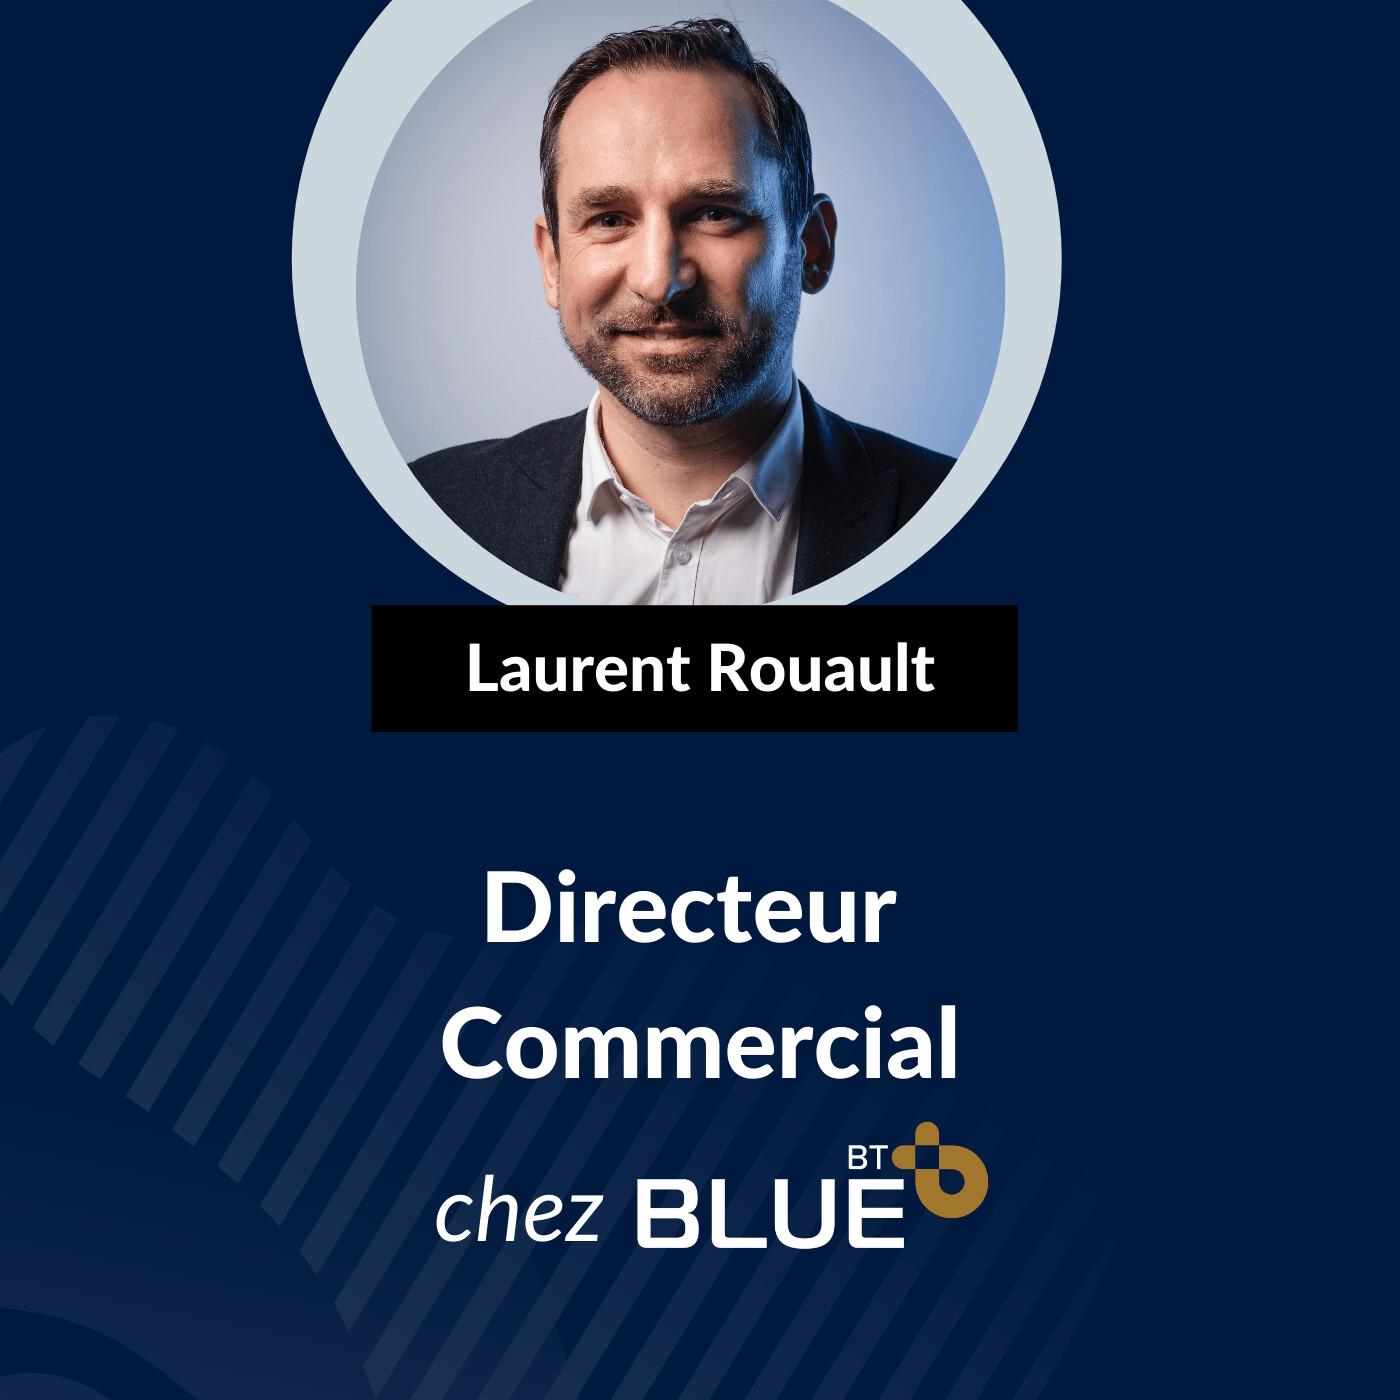 Les Coolisses by BLUE - Directeur Commercial - Laurent Rouault